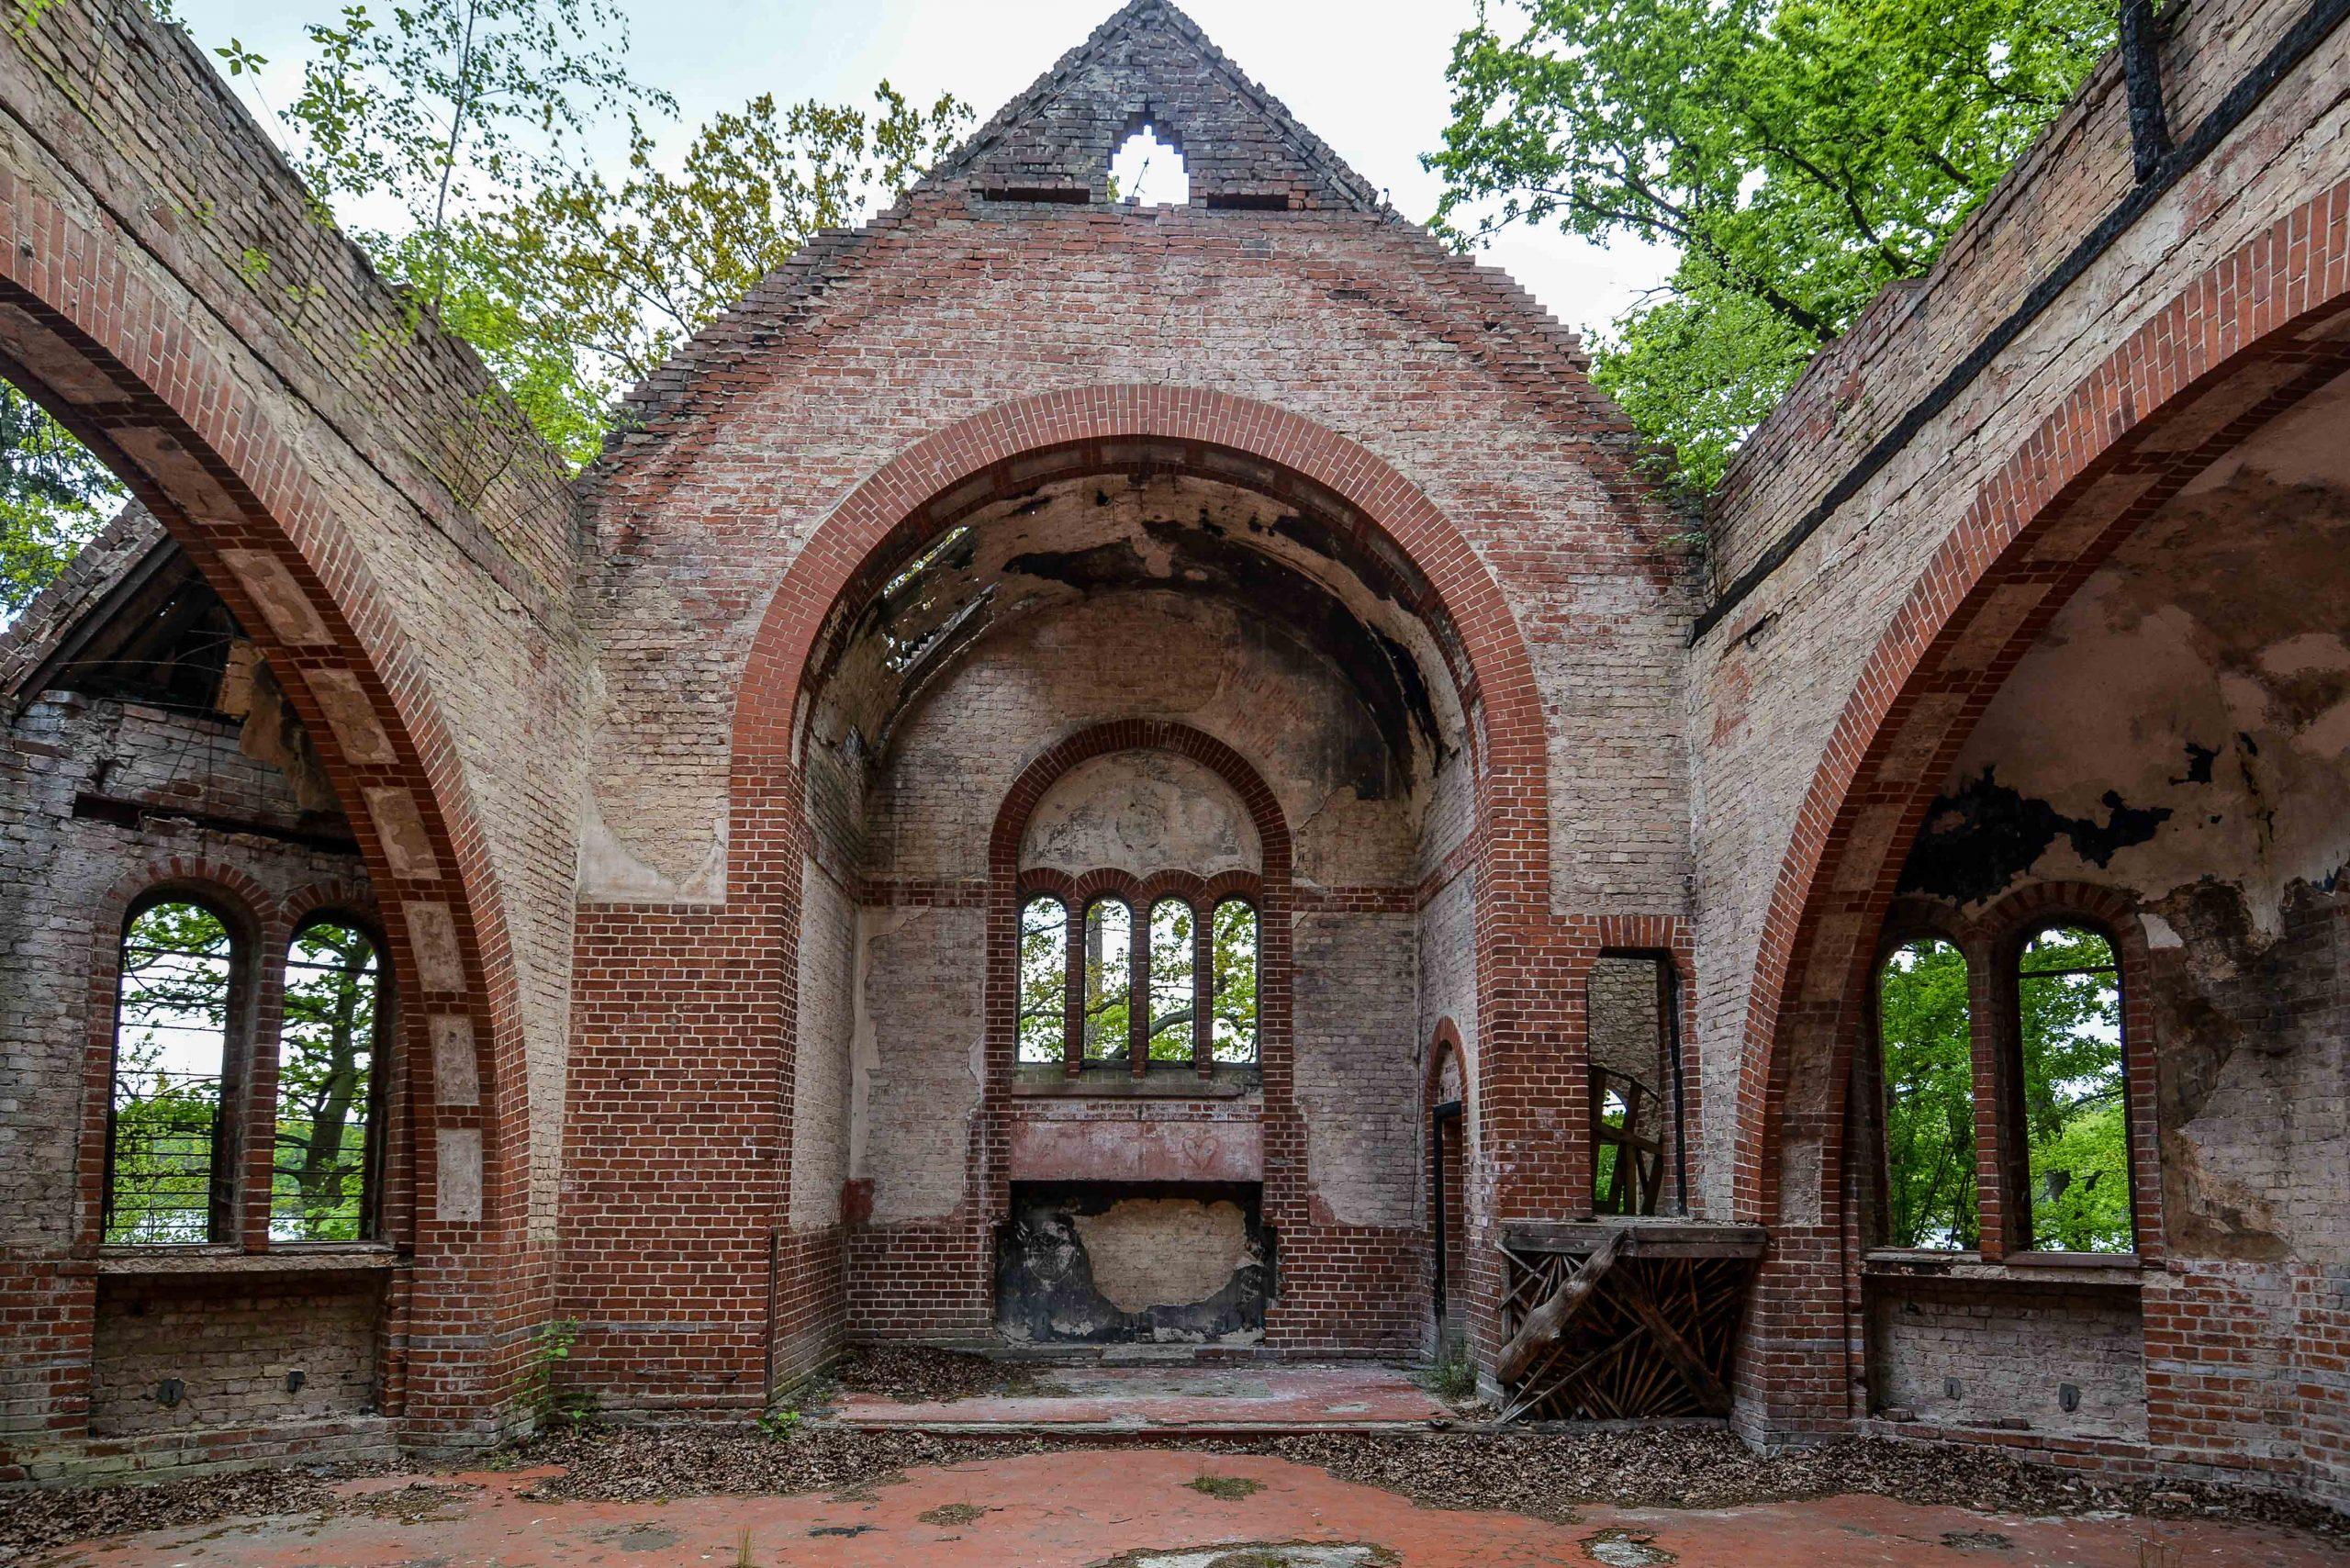 alter abandoned church tuberkulose heilstaette grabowsee sanatorium hospital oranienburg lost places abandoned urbex brandenburg germany deutschland